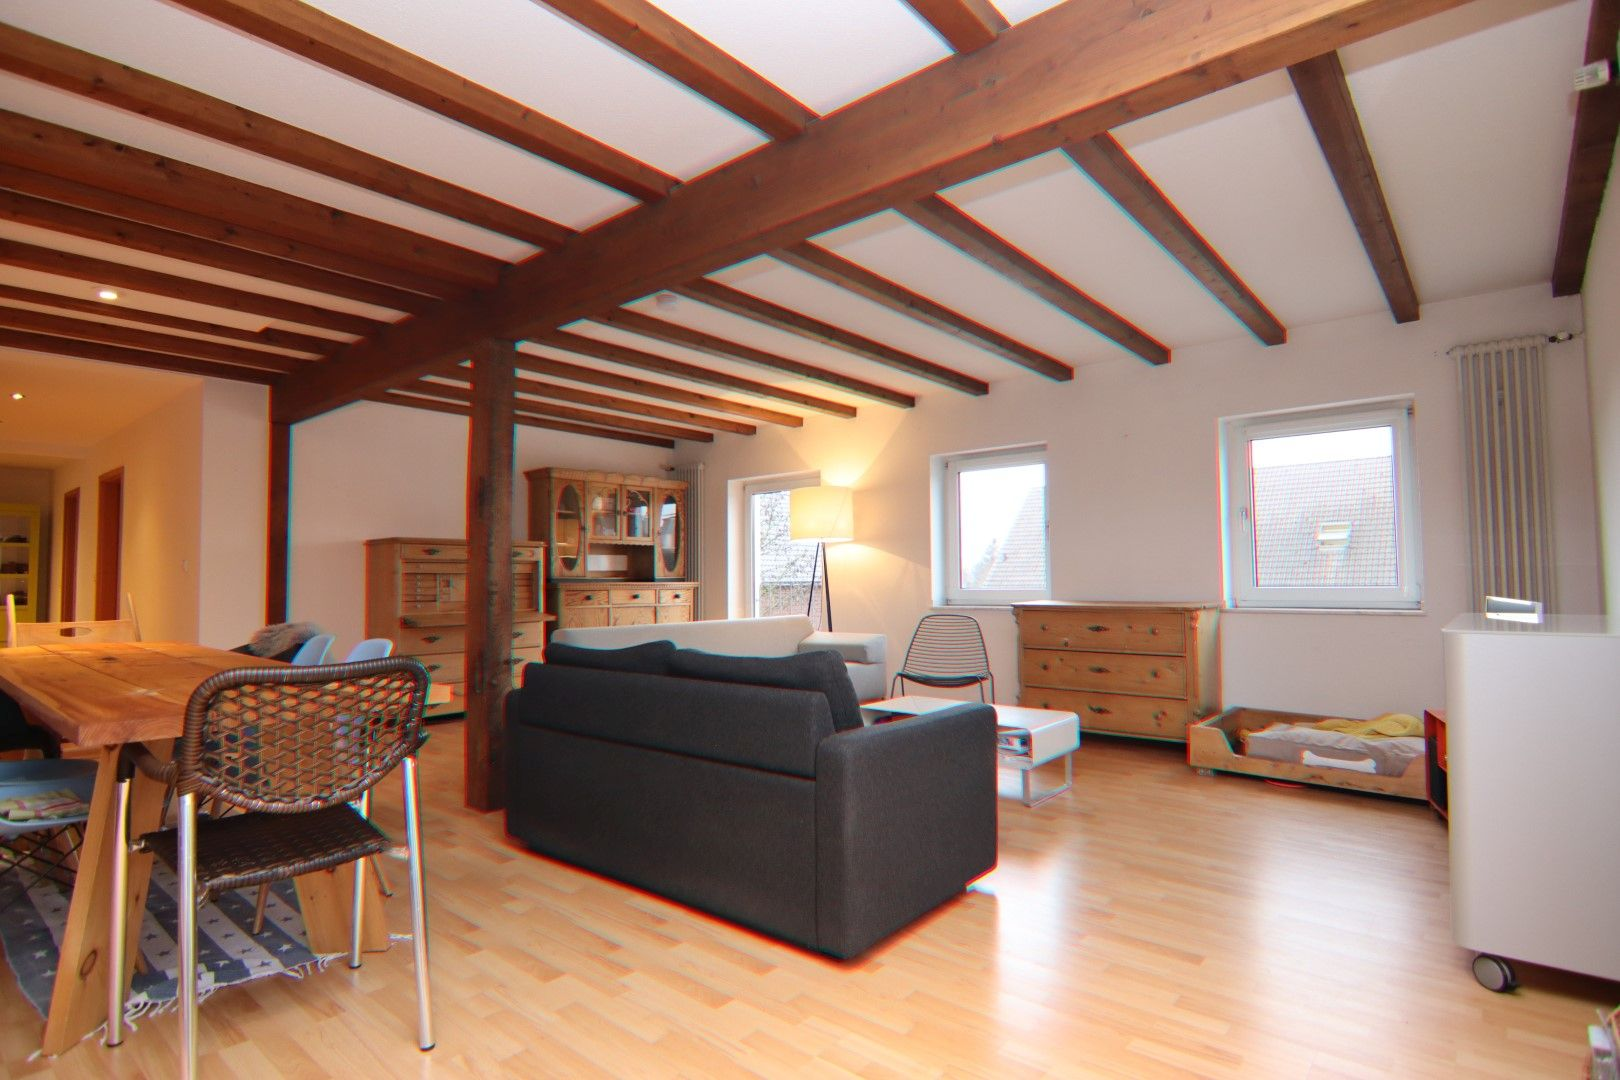 Immobilie Nr.0291 - 4-Raum-Wohnung, 2 Bäder mit Balkon u. Stpl. - Bild main.jpg